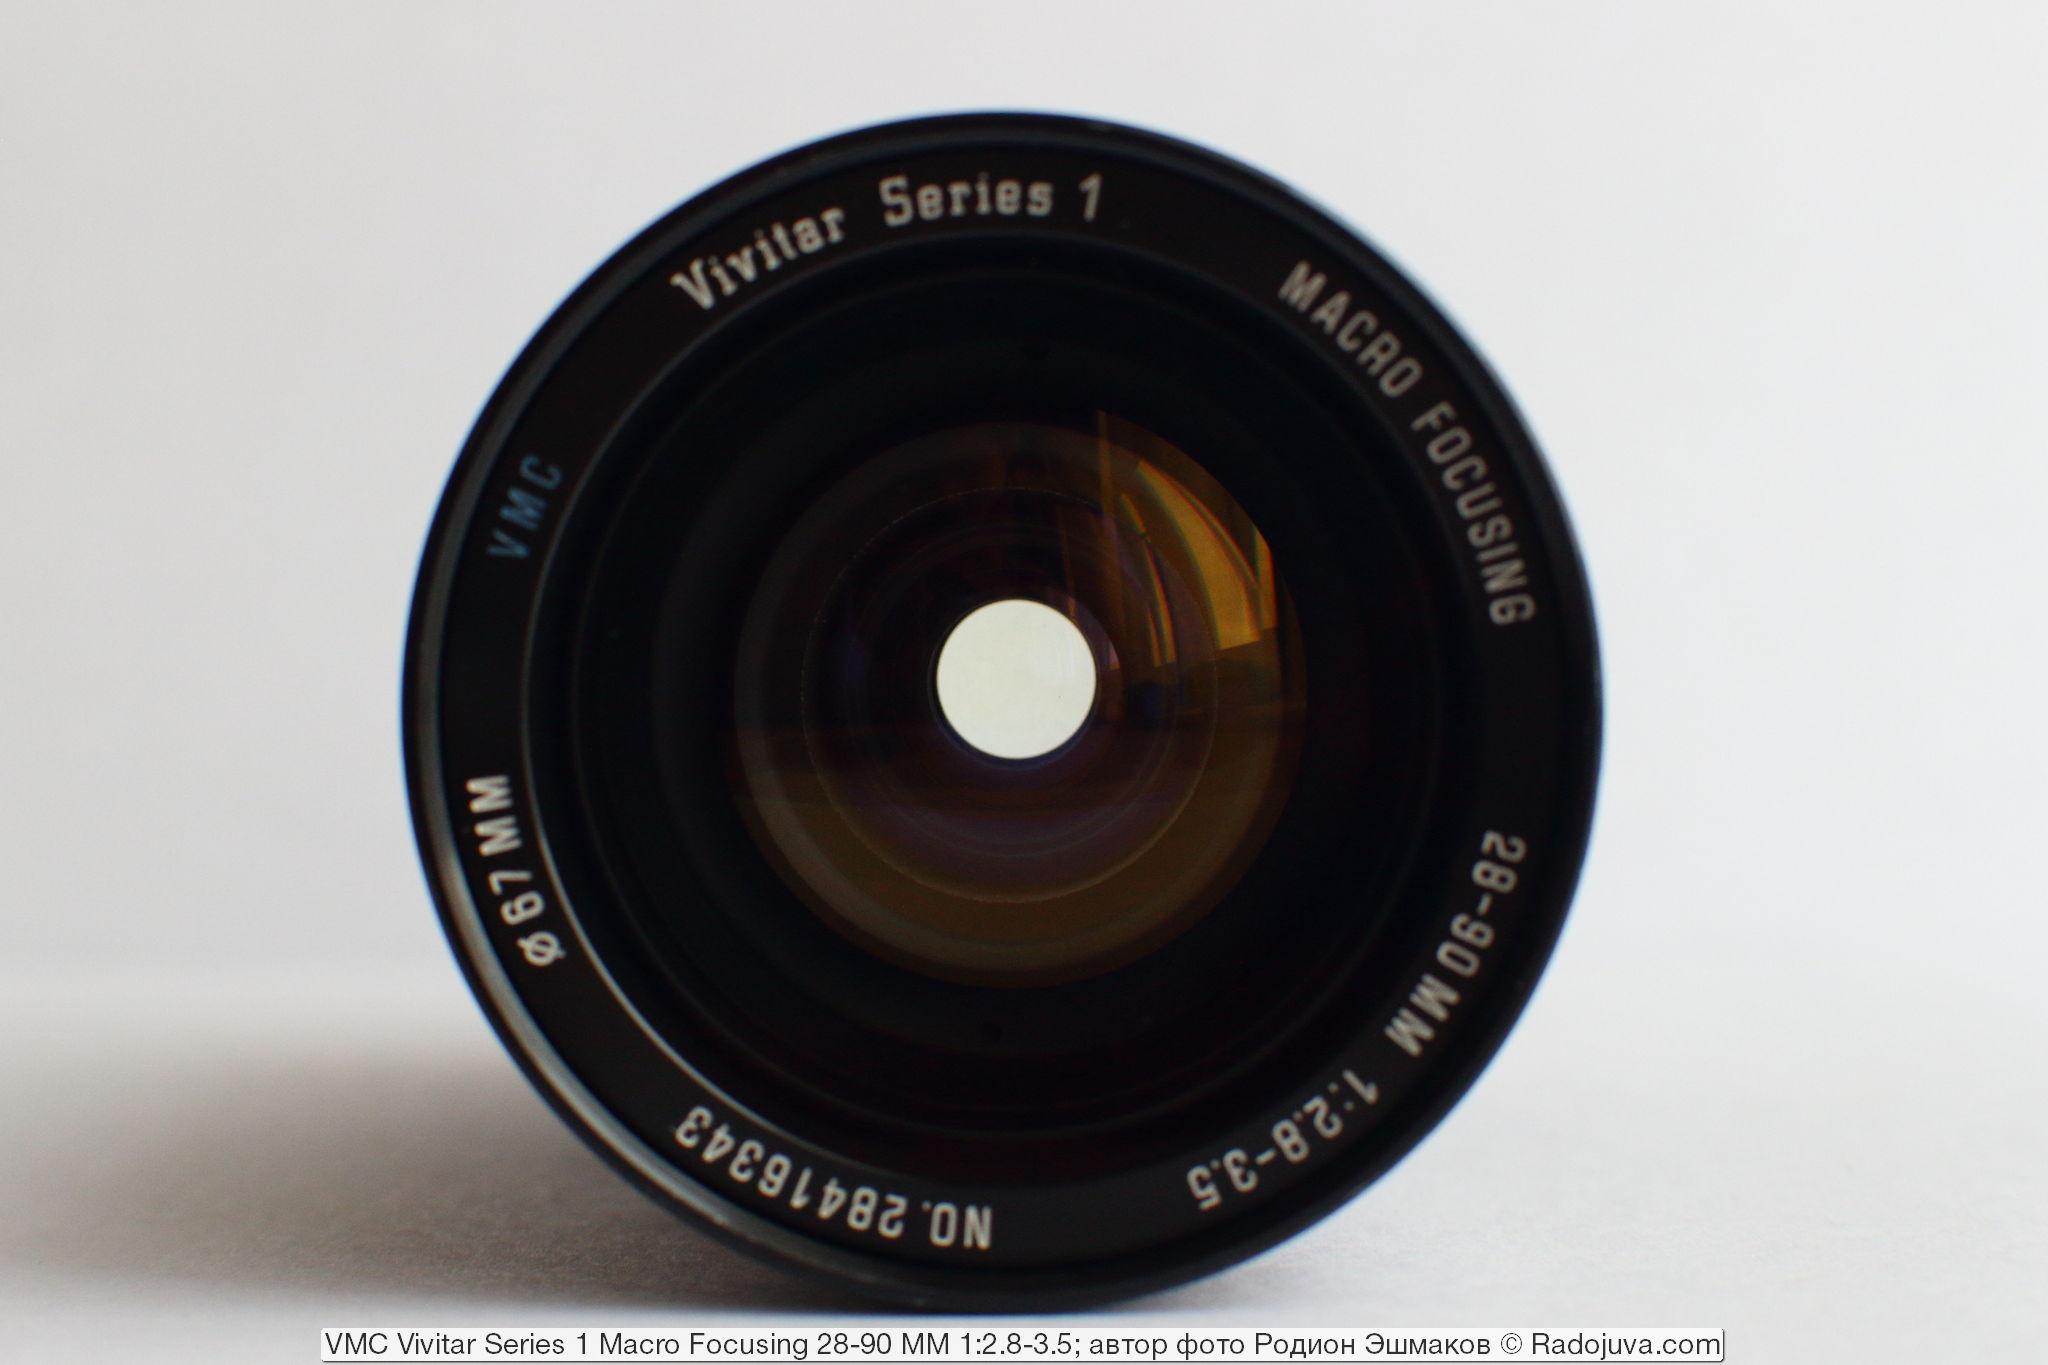 Вид на просвет со стороны передней линзы при ФР 28 мм и открытой диафрагме.